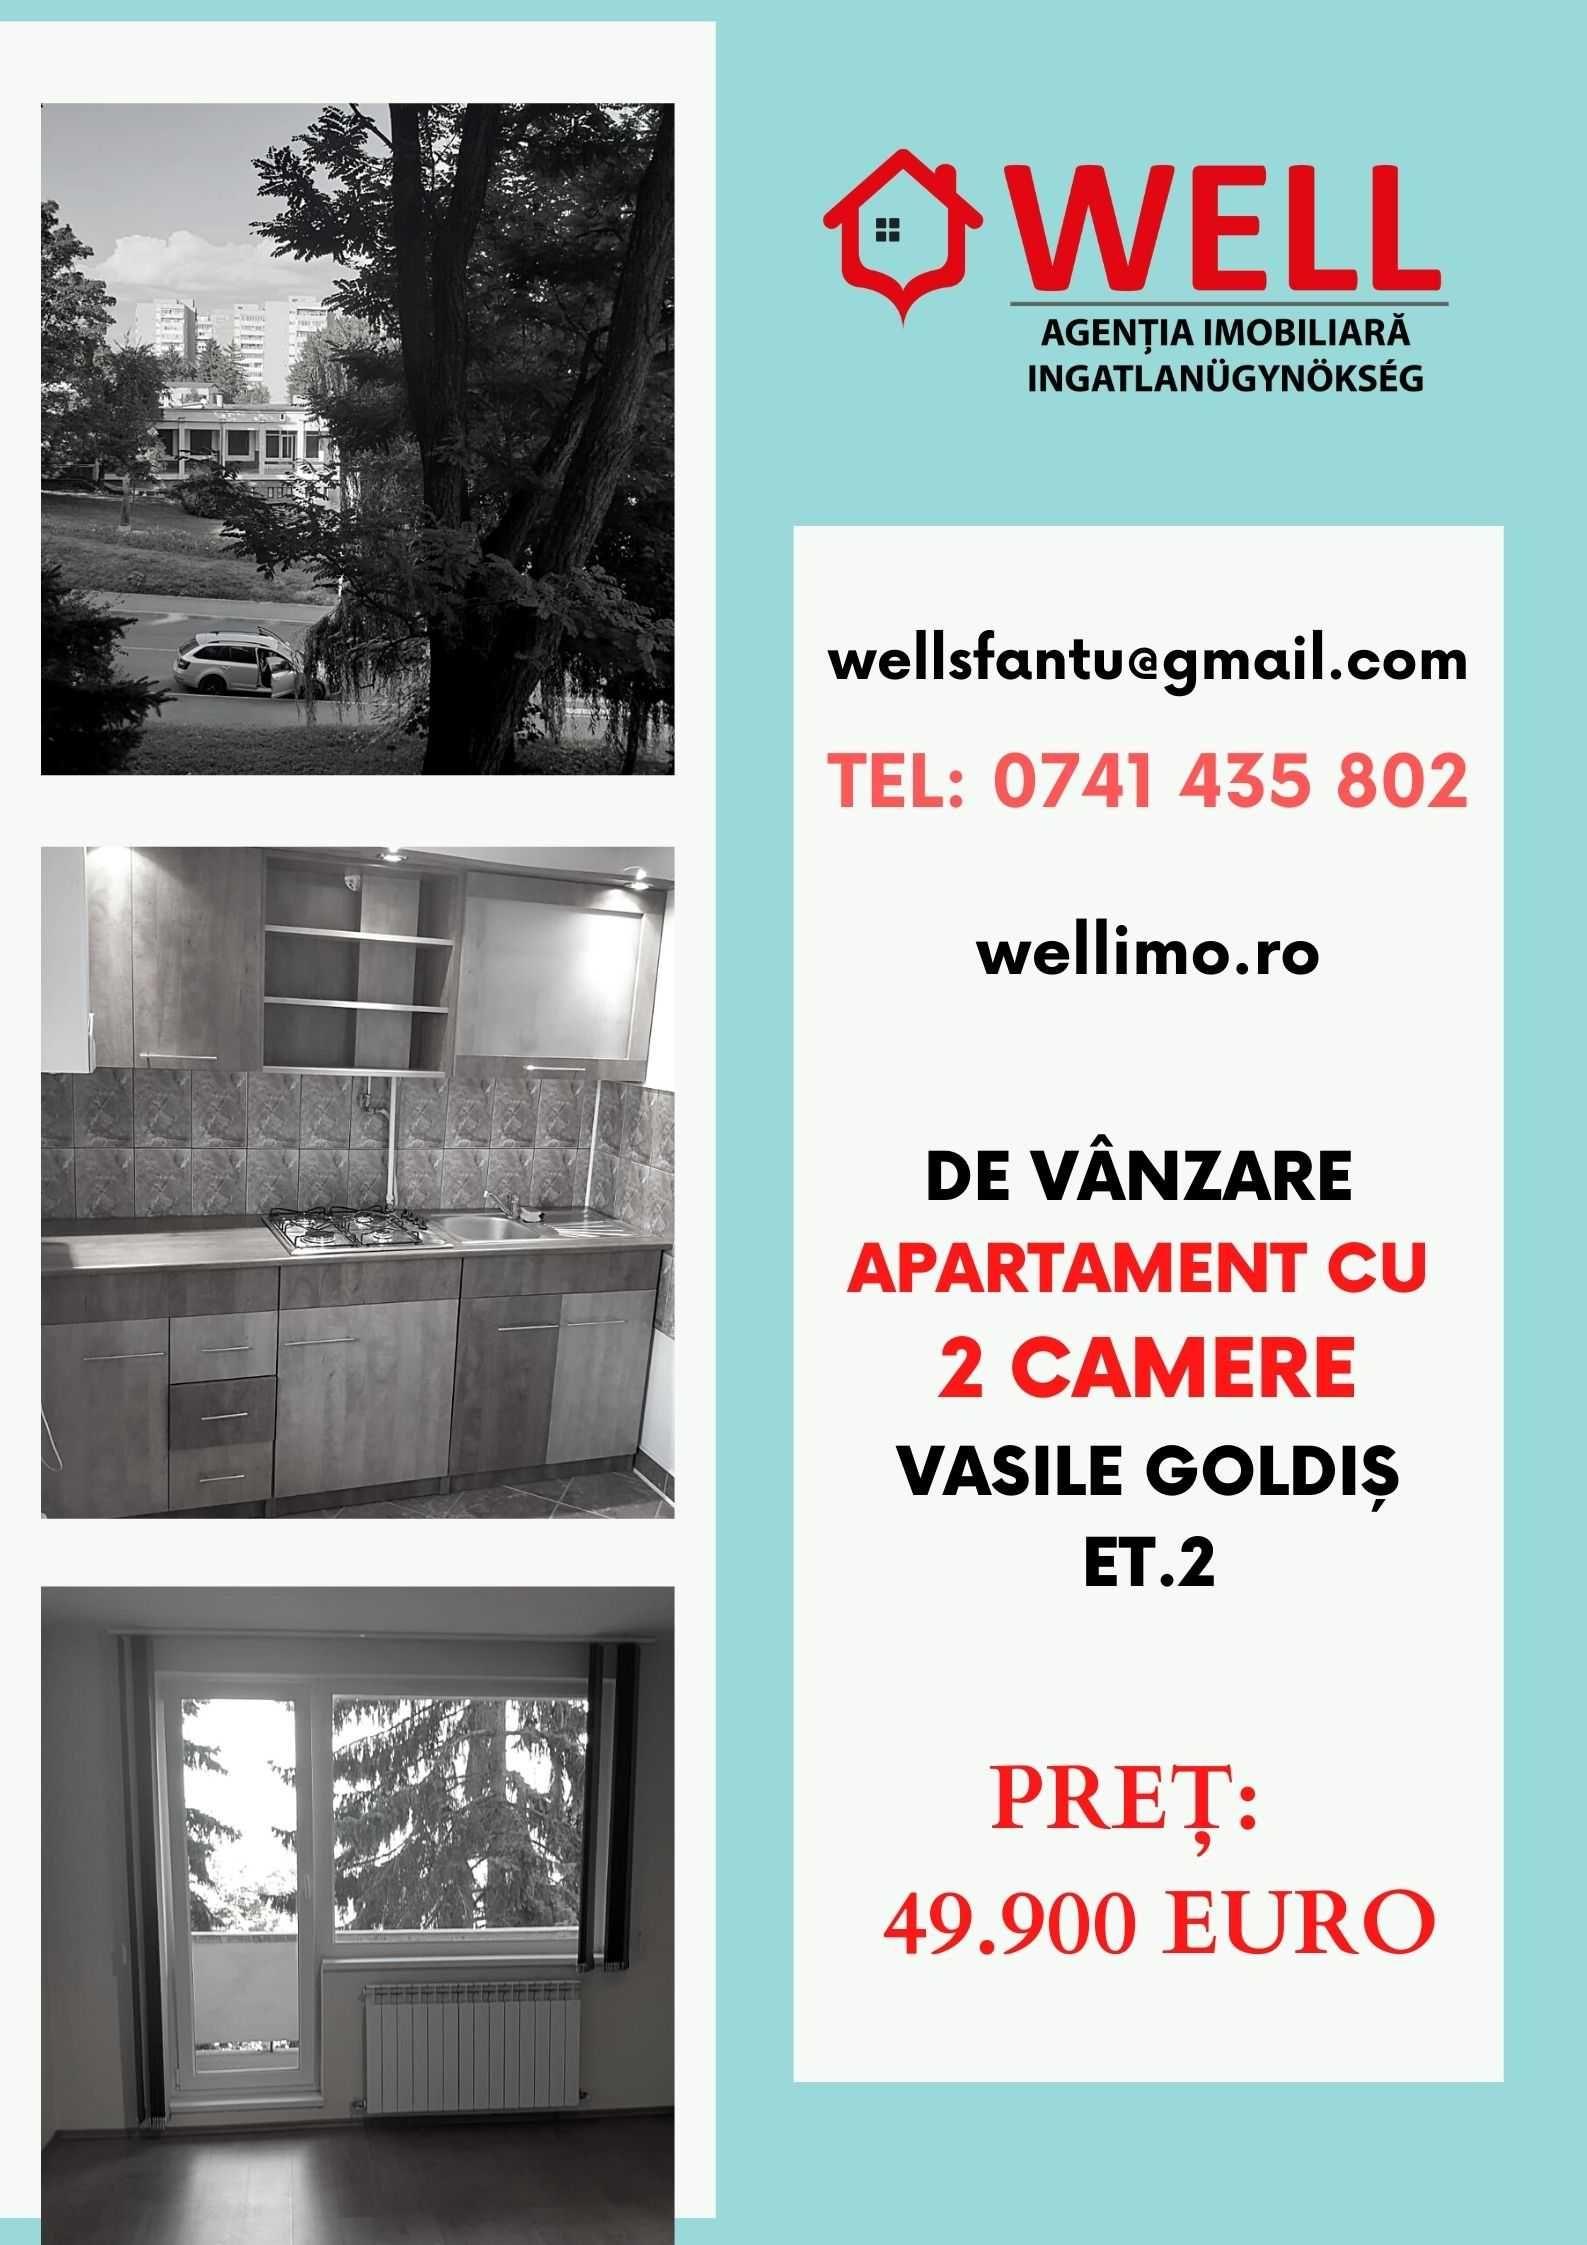 De vânzare apartament cu două camere pe strada Vasile Goldiș